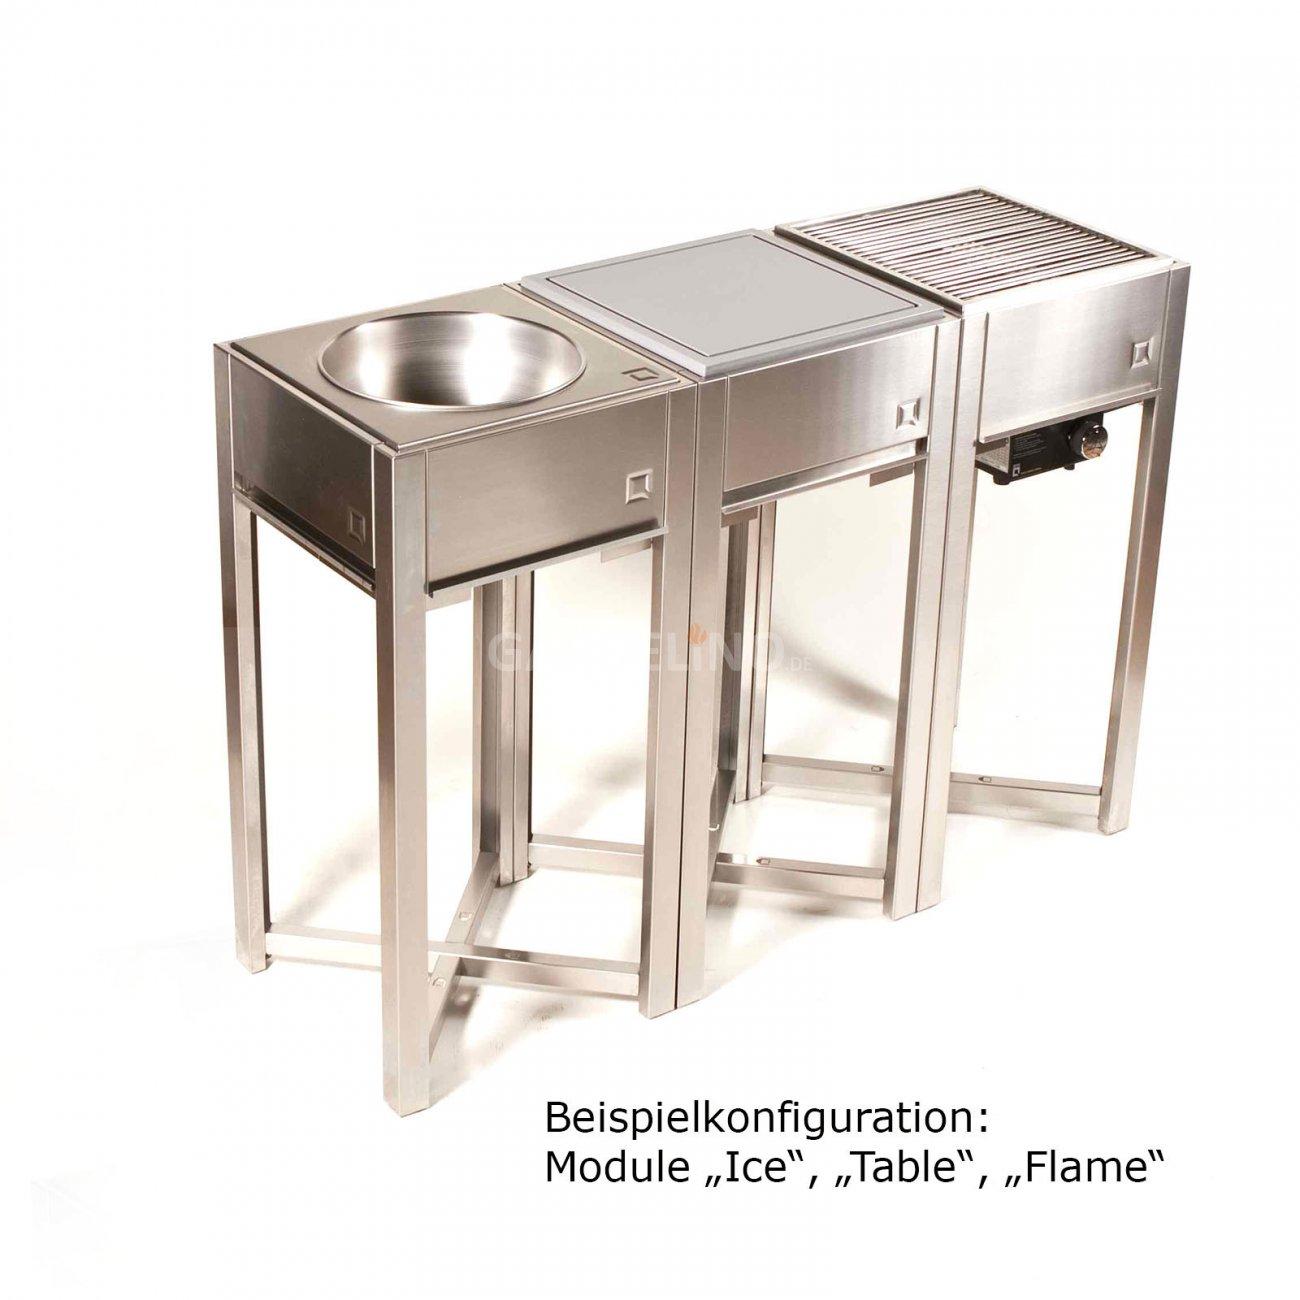 Berühmt Edelstahl Außenküche Schranktüren Bilder - Ideen Für Die ...